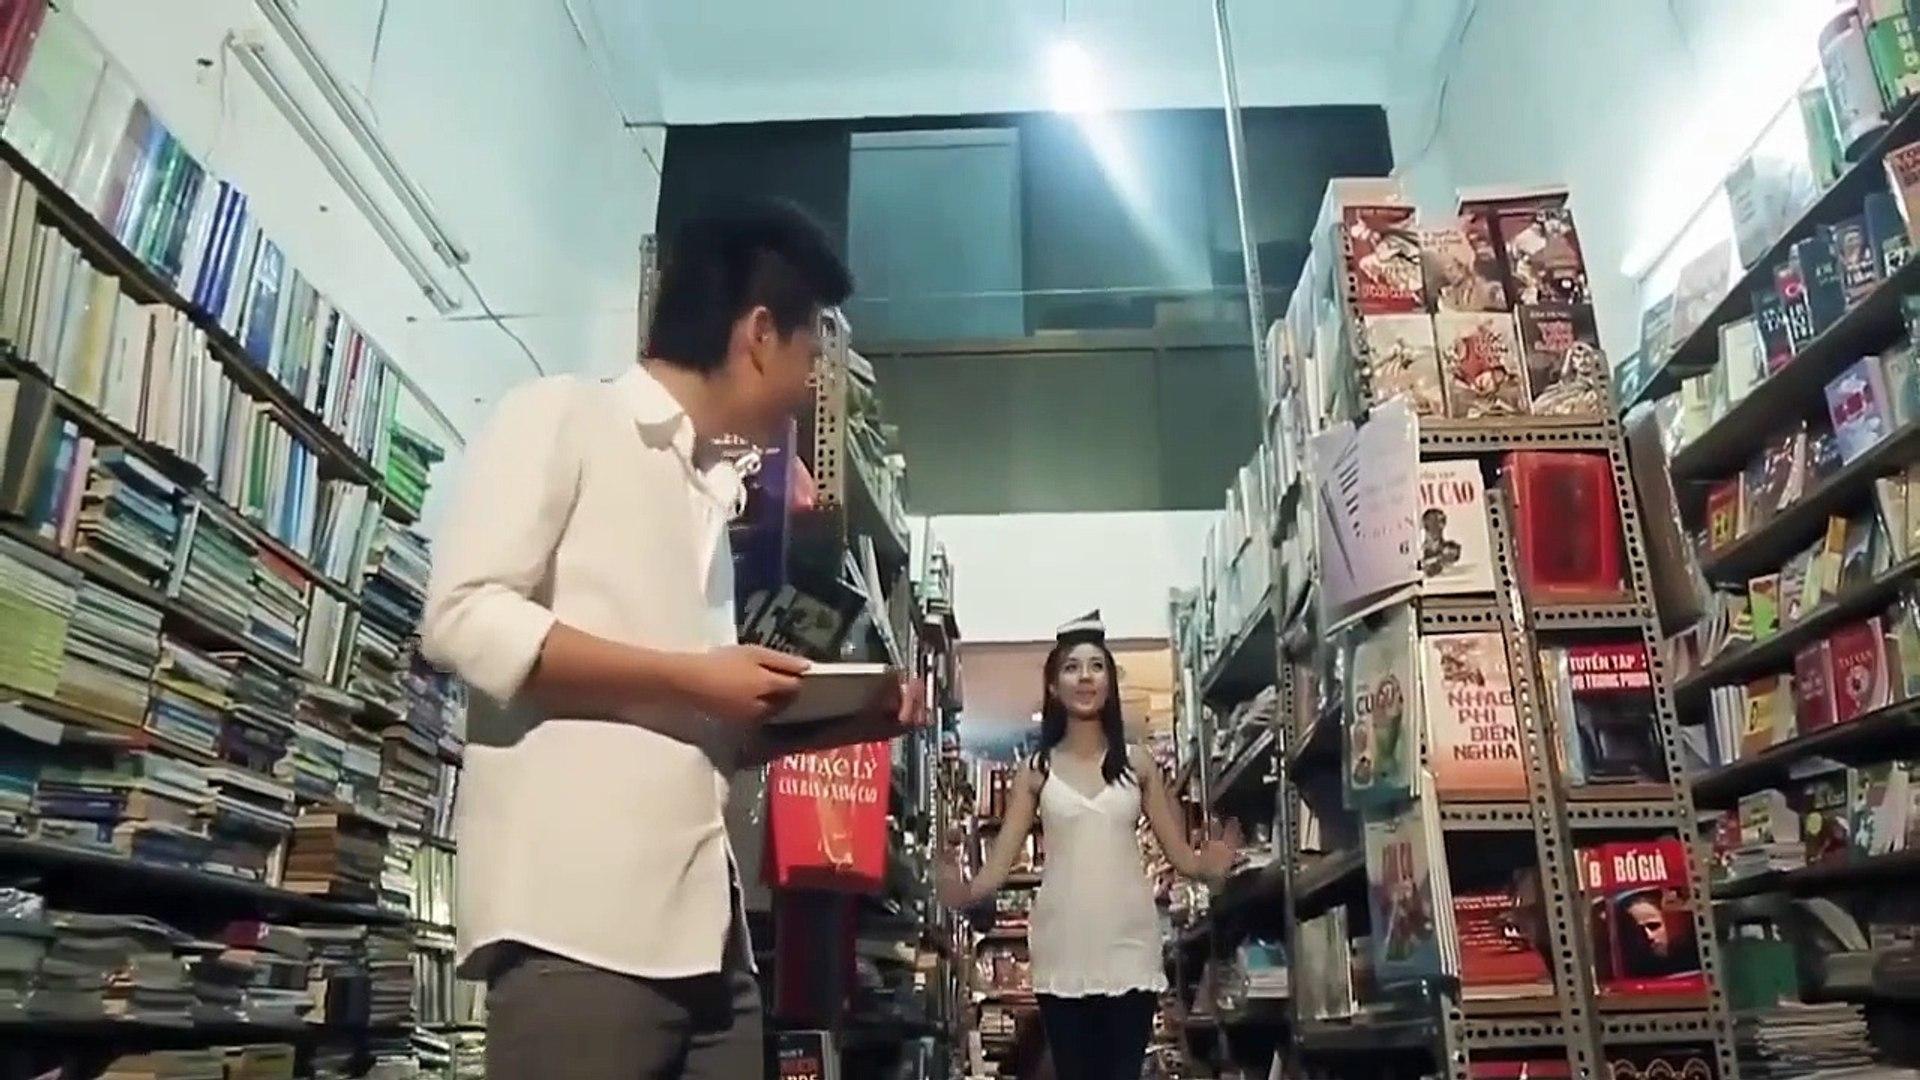 [Karaoke] Sao Không Cho Nhau - Tuấn Hưng Ft. Khắc Việt [Beat]